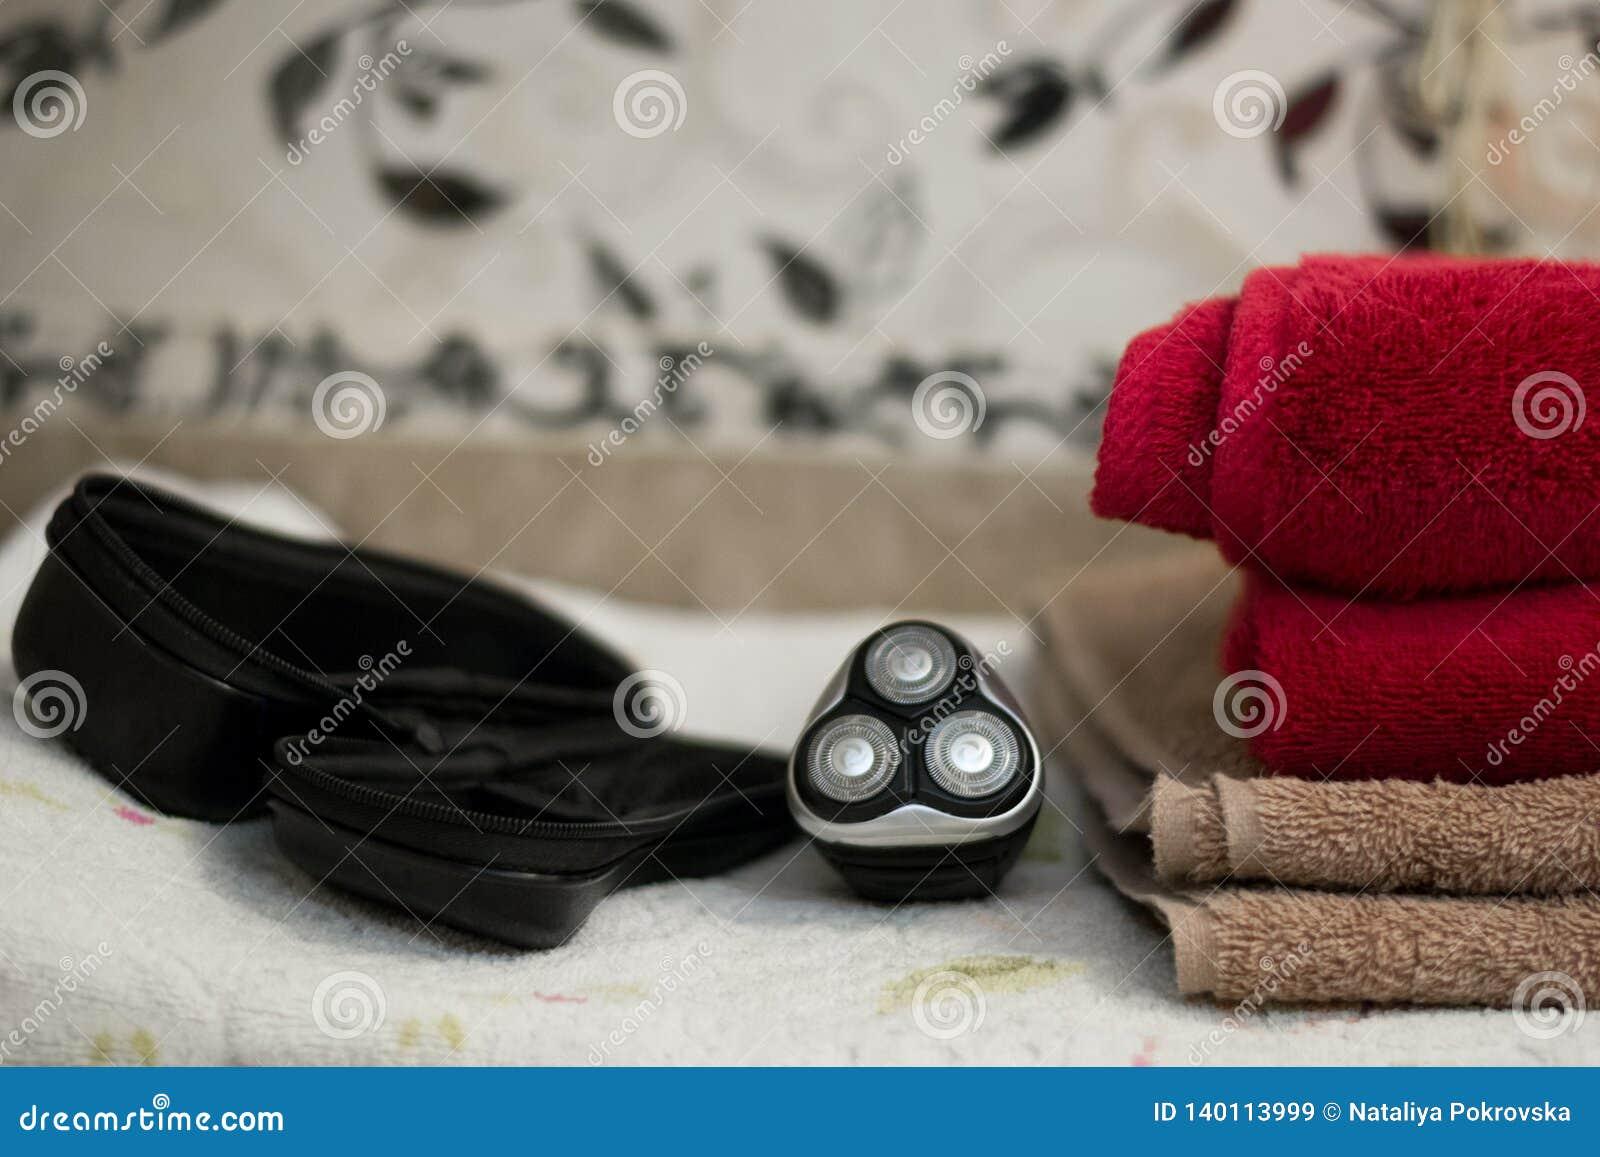 有三把刀片的电蓝色转台式剃具在黑盒和毛巾附近